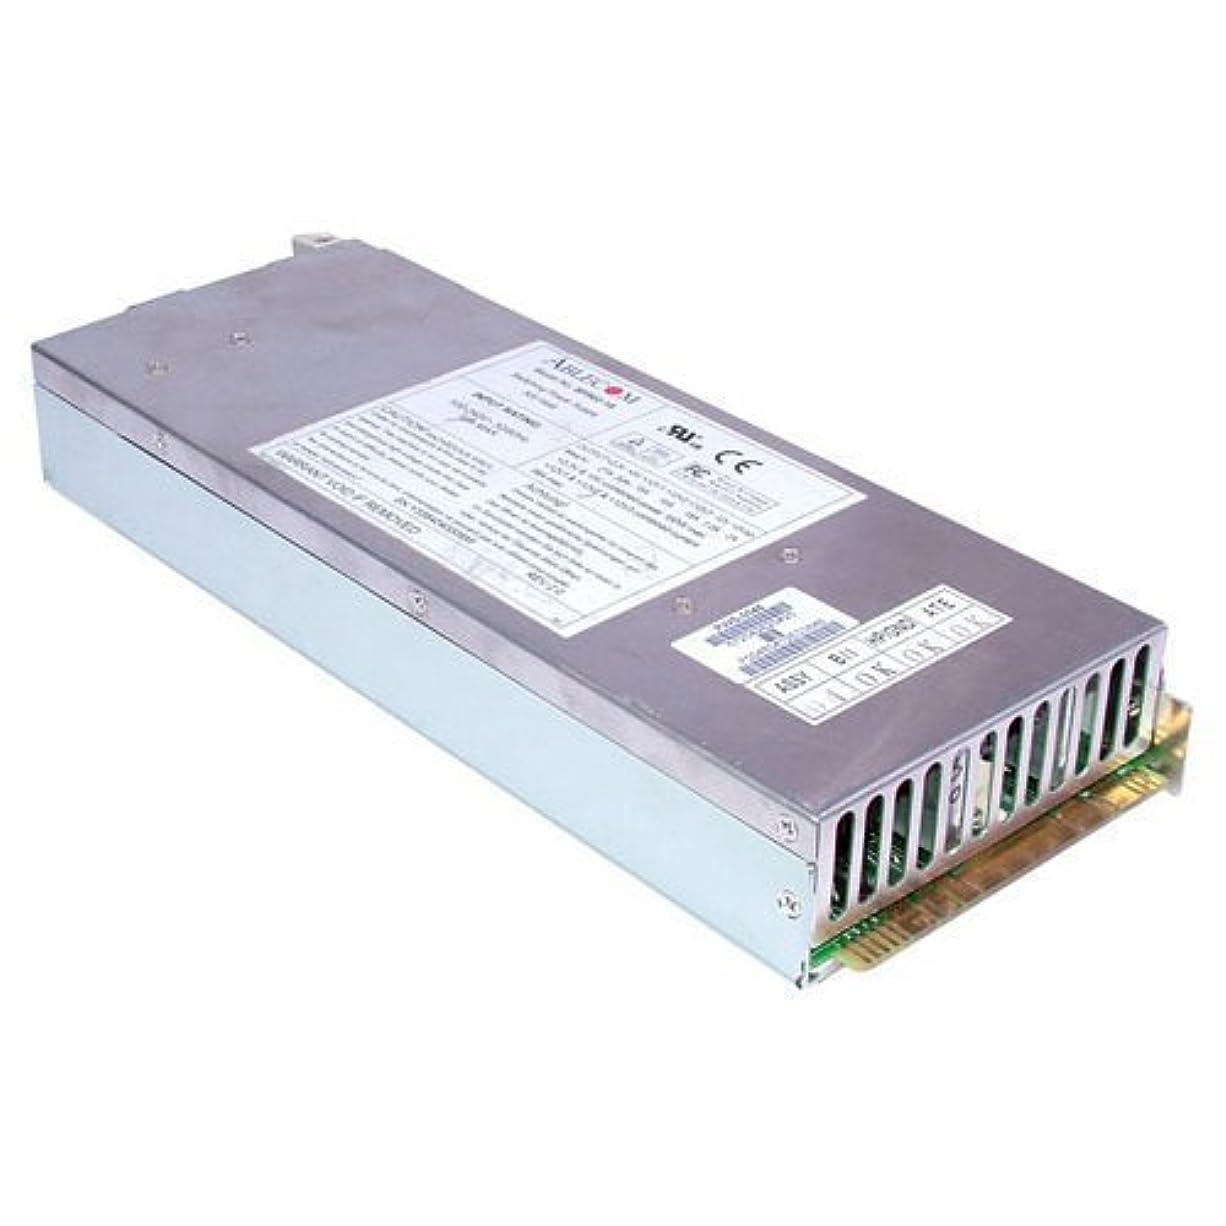 牽引ビル報告書Supermicro Power Supply PWS-1K43F-1R 1400W Redundant Digital Power Supply Retail [並行輸入品]